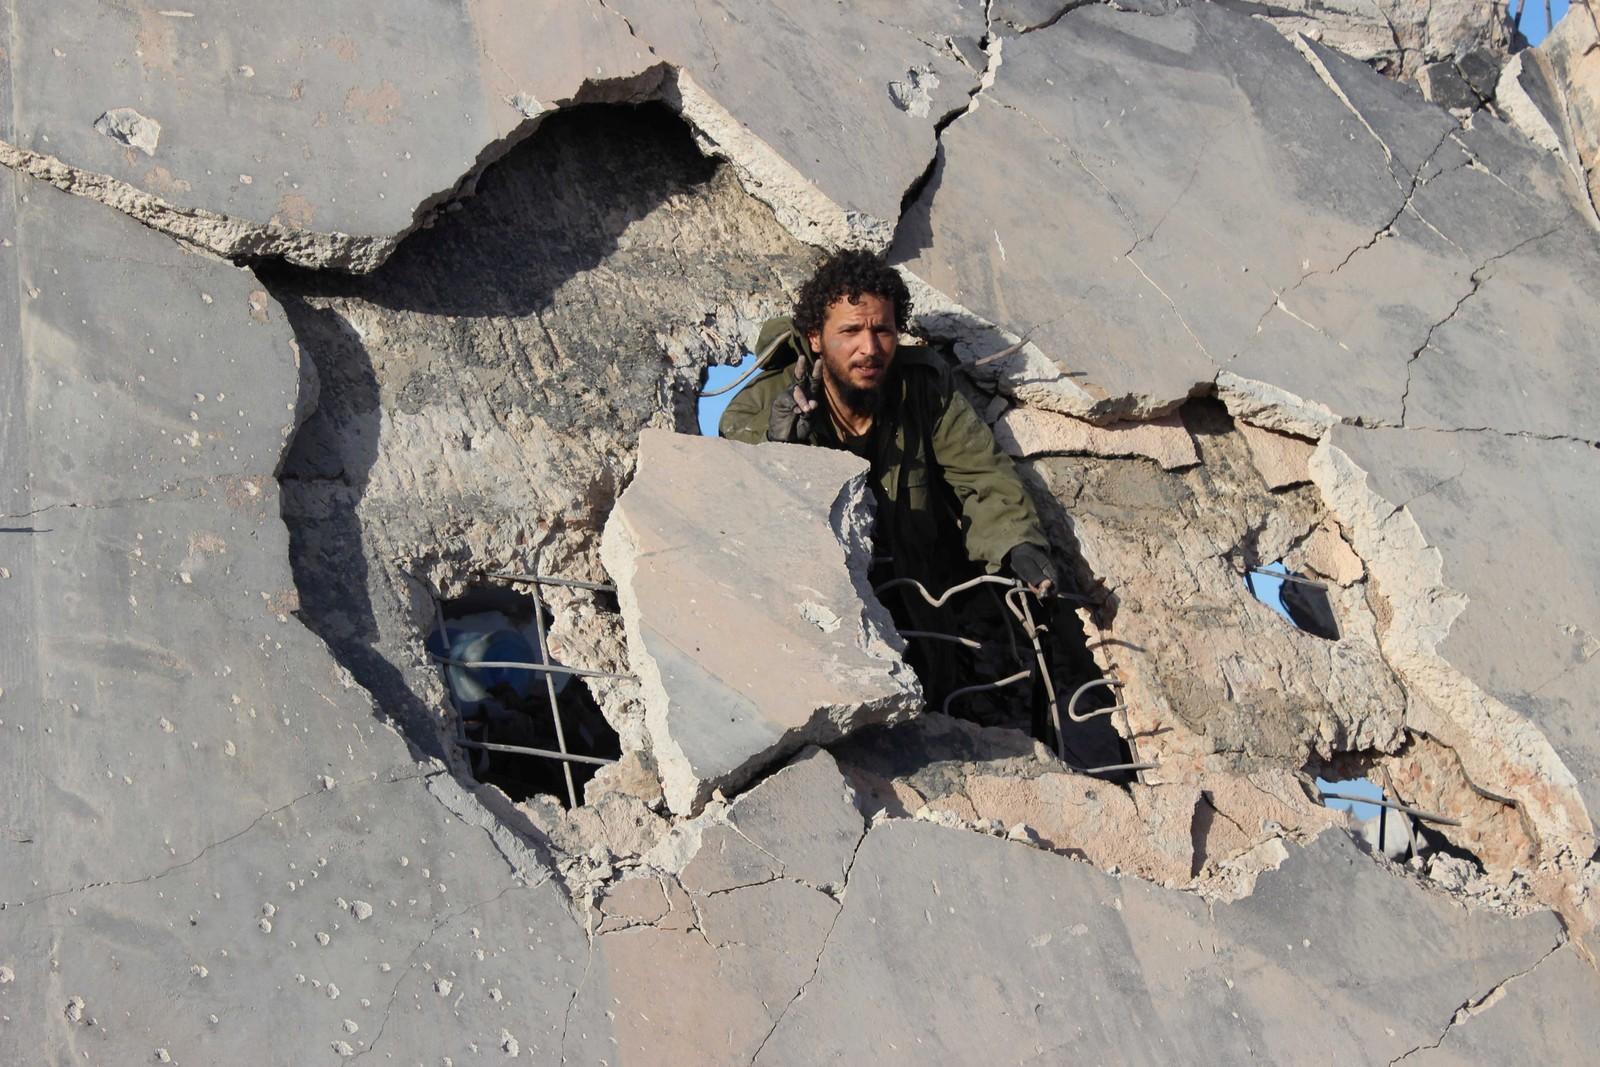 En libyisk soldat viser seierstegnet i den utbombede bygningen. De FN-støttede styrkene hevder å ha kontroll over den tidligere IS-bastionen Sirte.